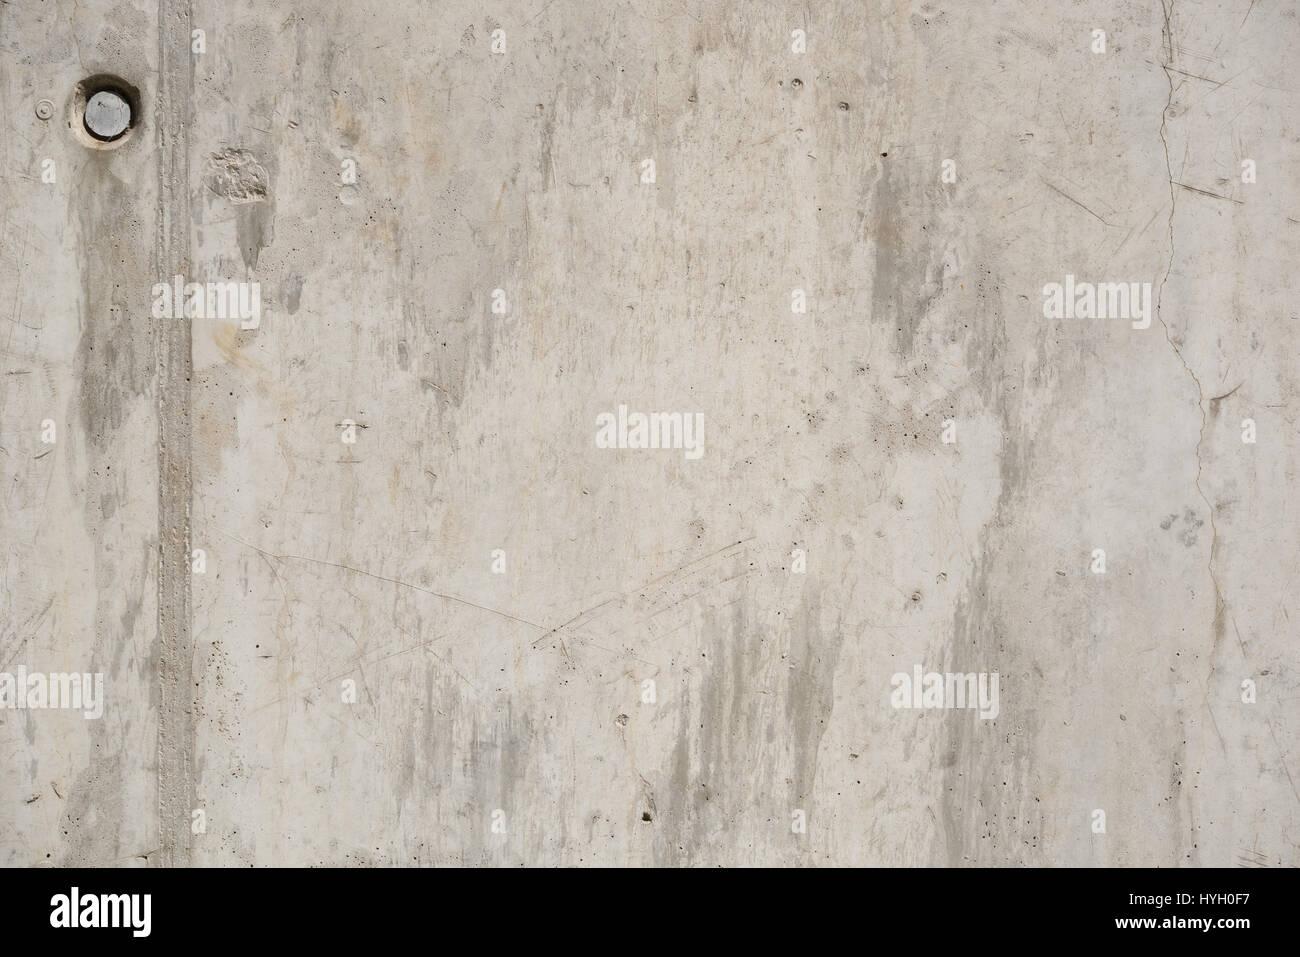 Hintergrund, Sichtbeton - Background, Concrete Stock Photo